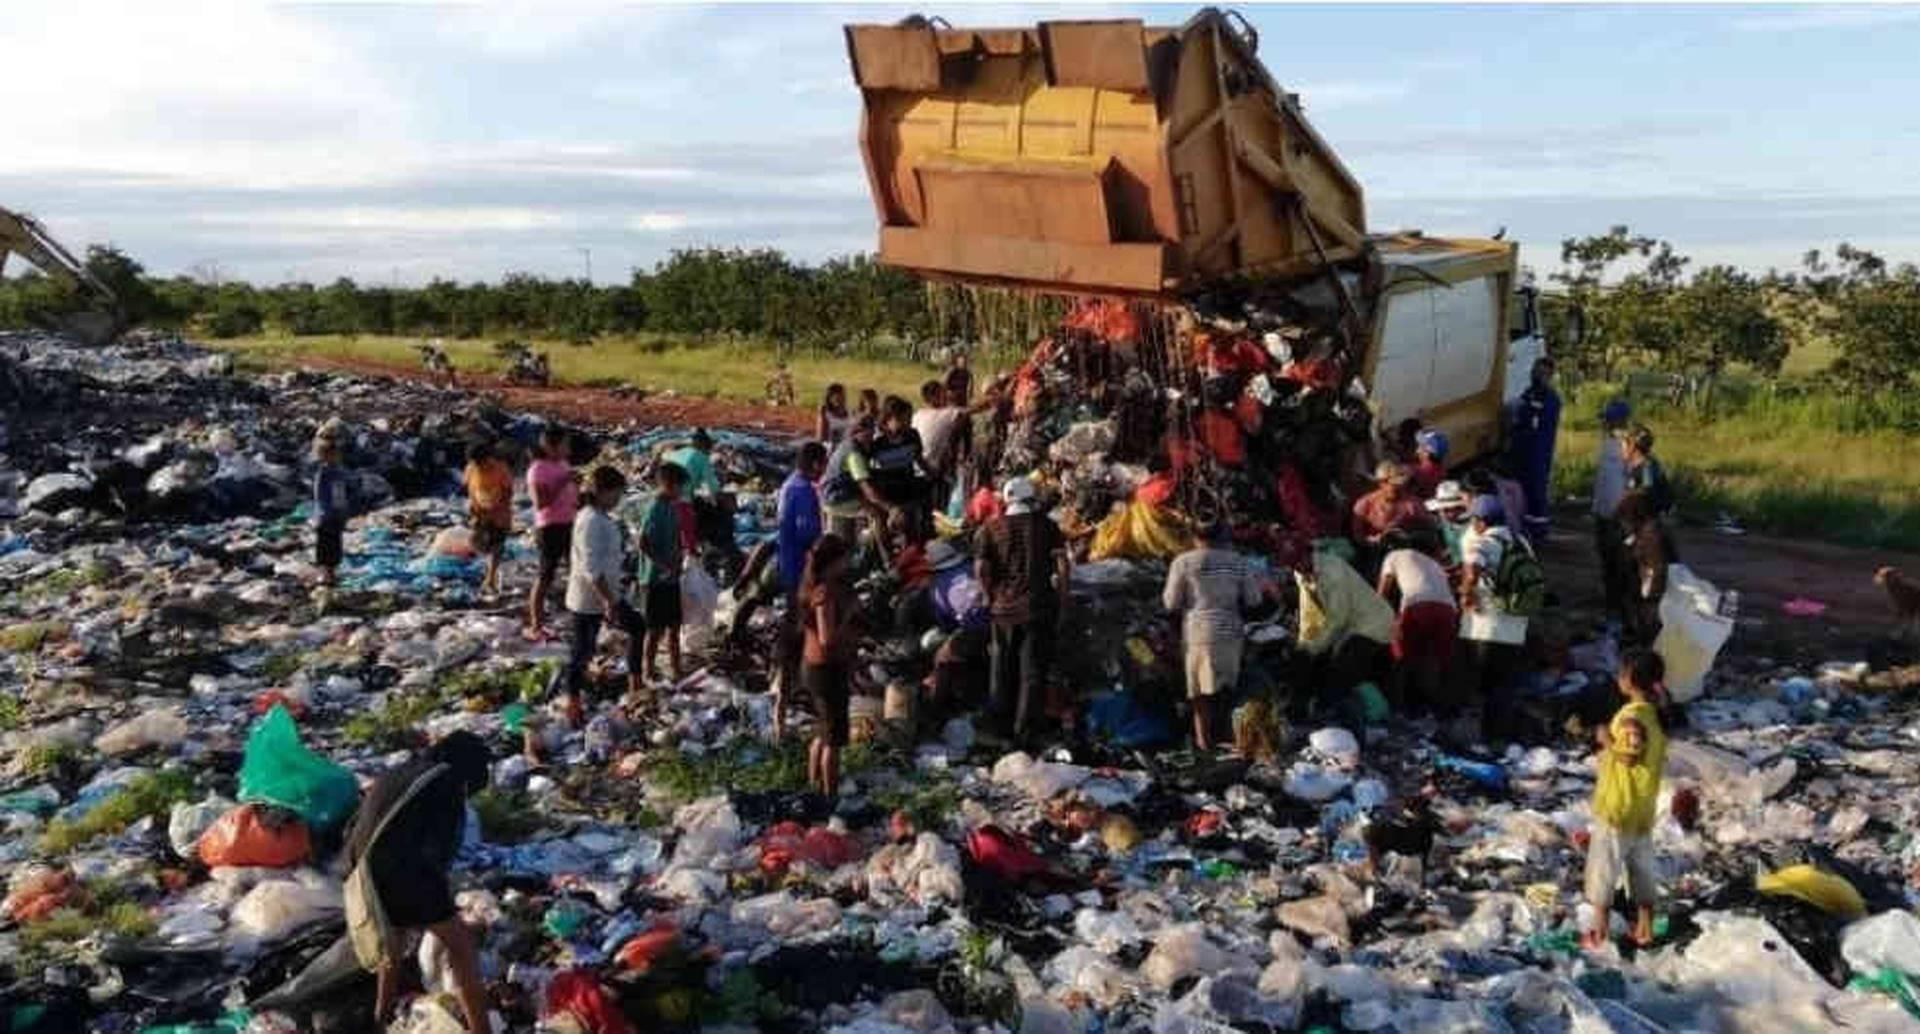 Varias mujeres y niños estaban escarbando en la basura para obtener alimento.